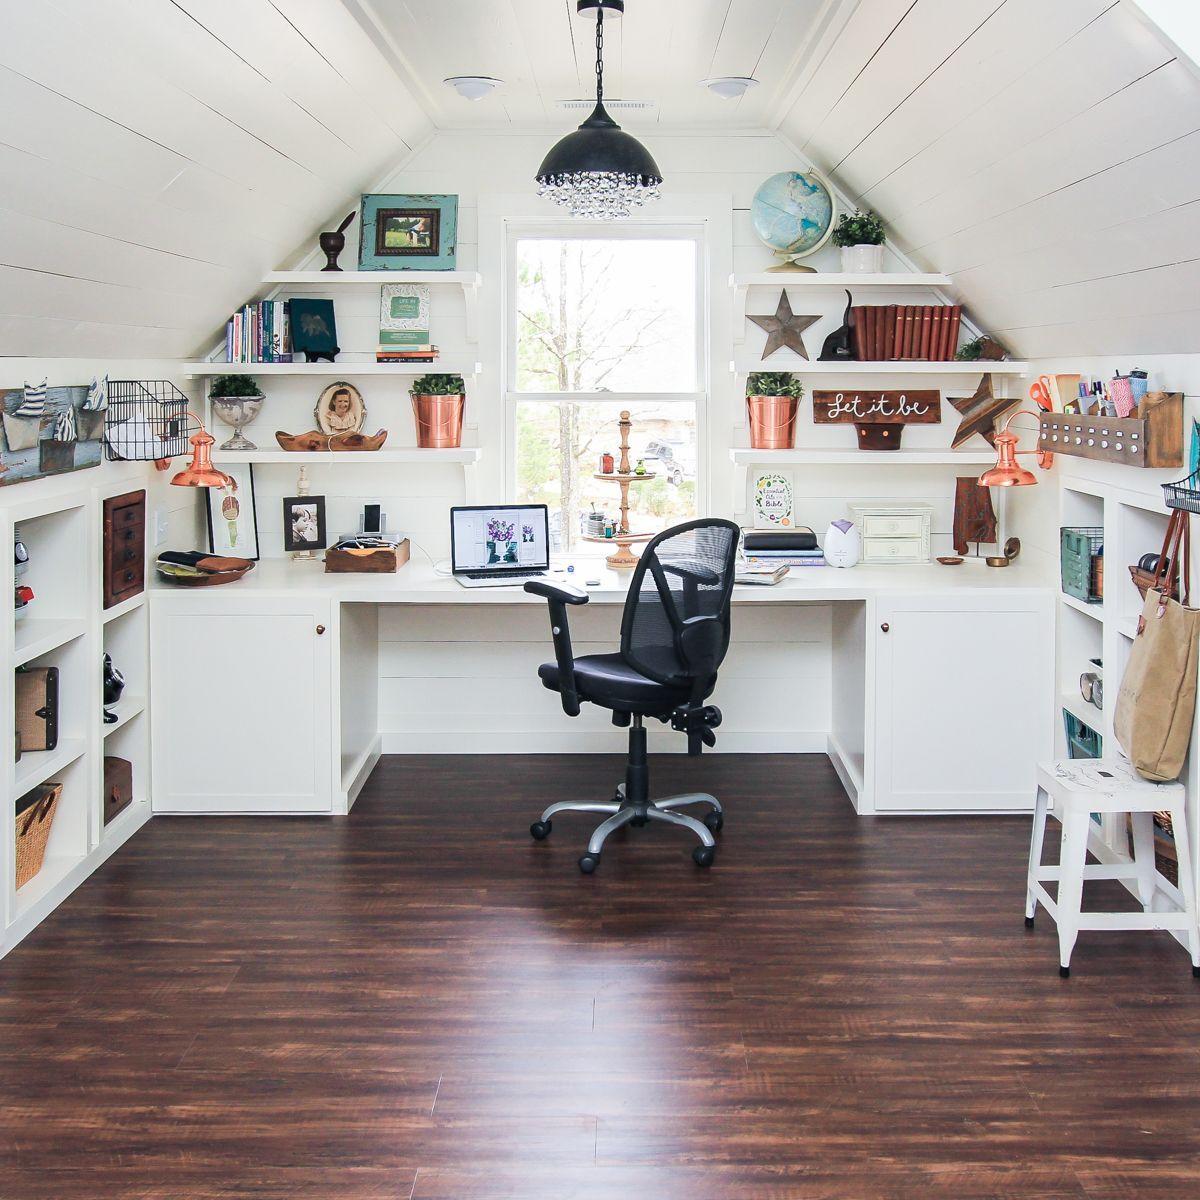 9 Truthful Tips And Tricks Attic Interior Closet Attic Decor Projects Old Attic Book Shelves Attic Access Decor Attic Window Do Home Attic Rooms Attic Bedroom